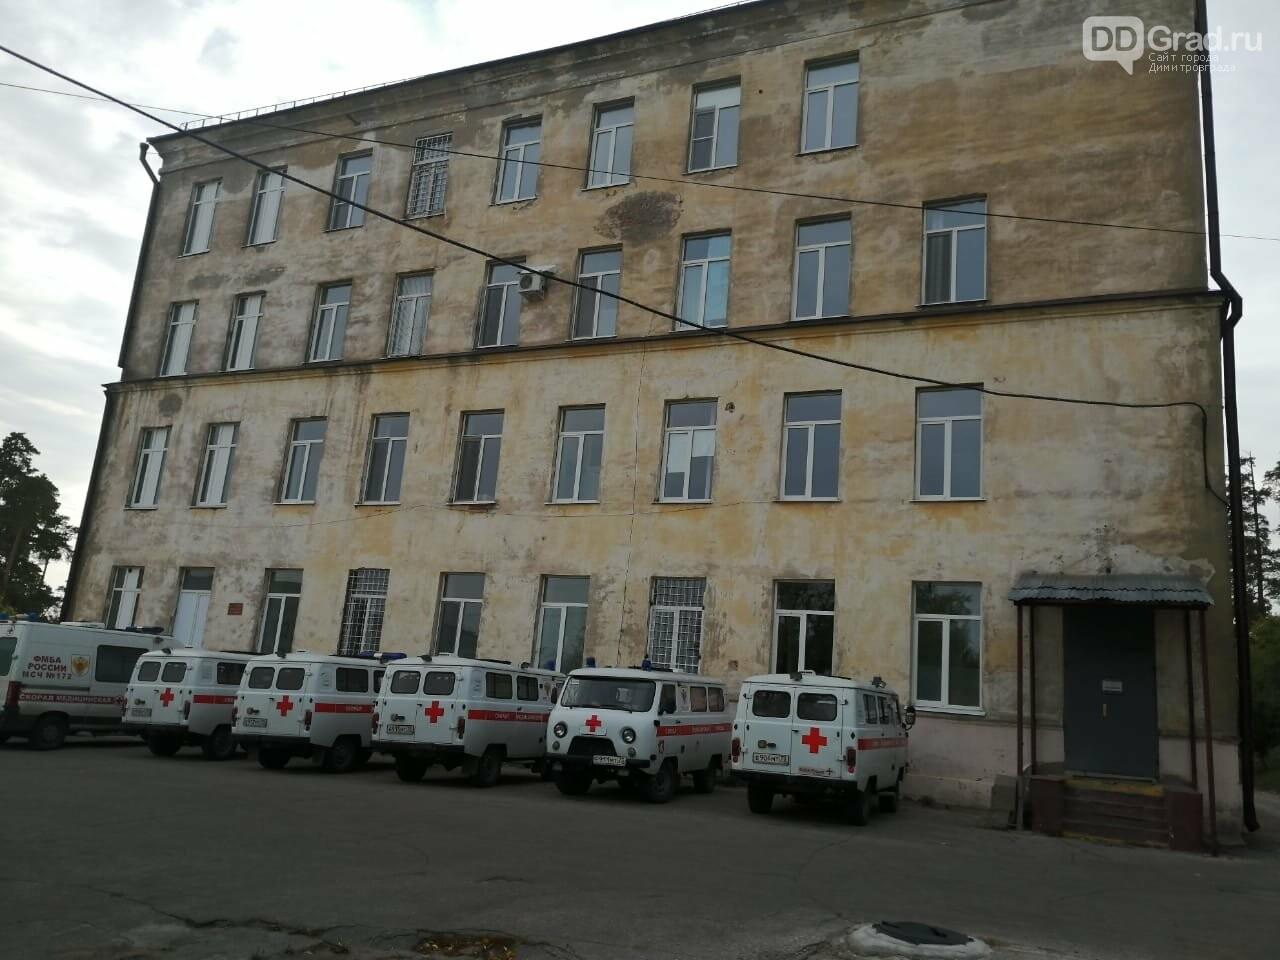 В Димитровграде переезжает городская Станция скорой медицинской помощи , фото-2